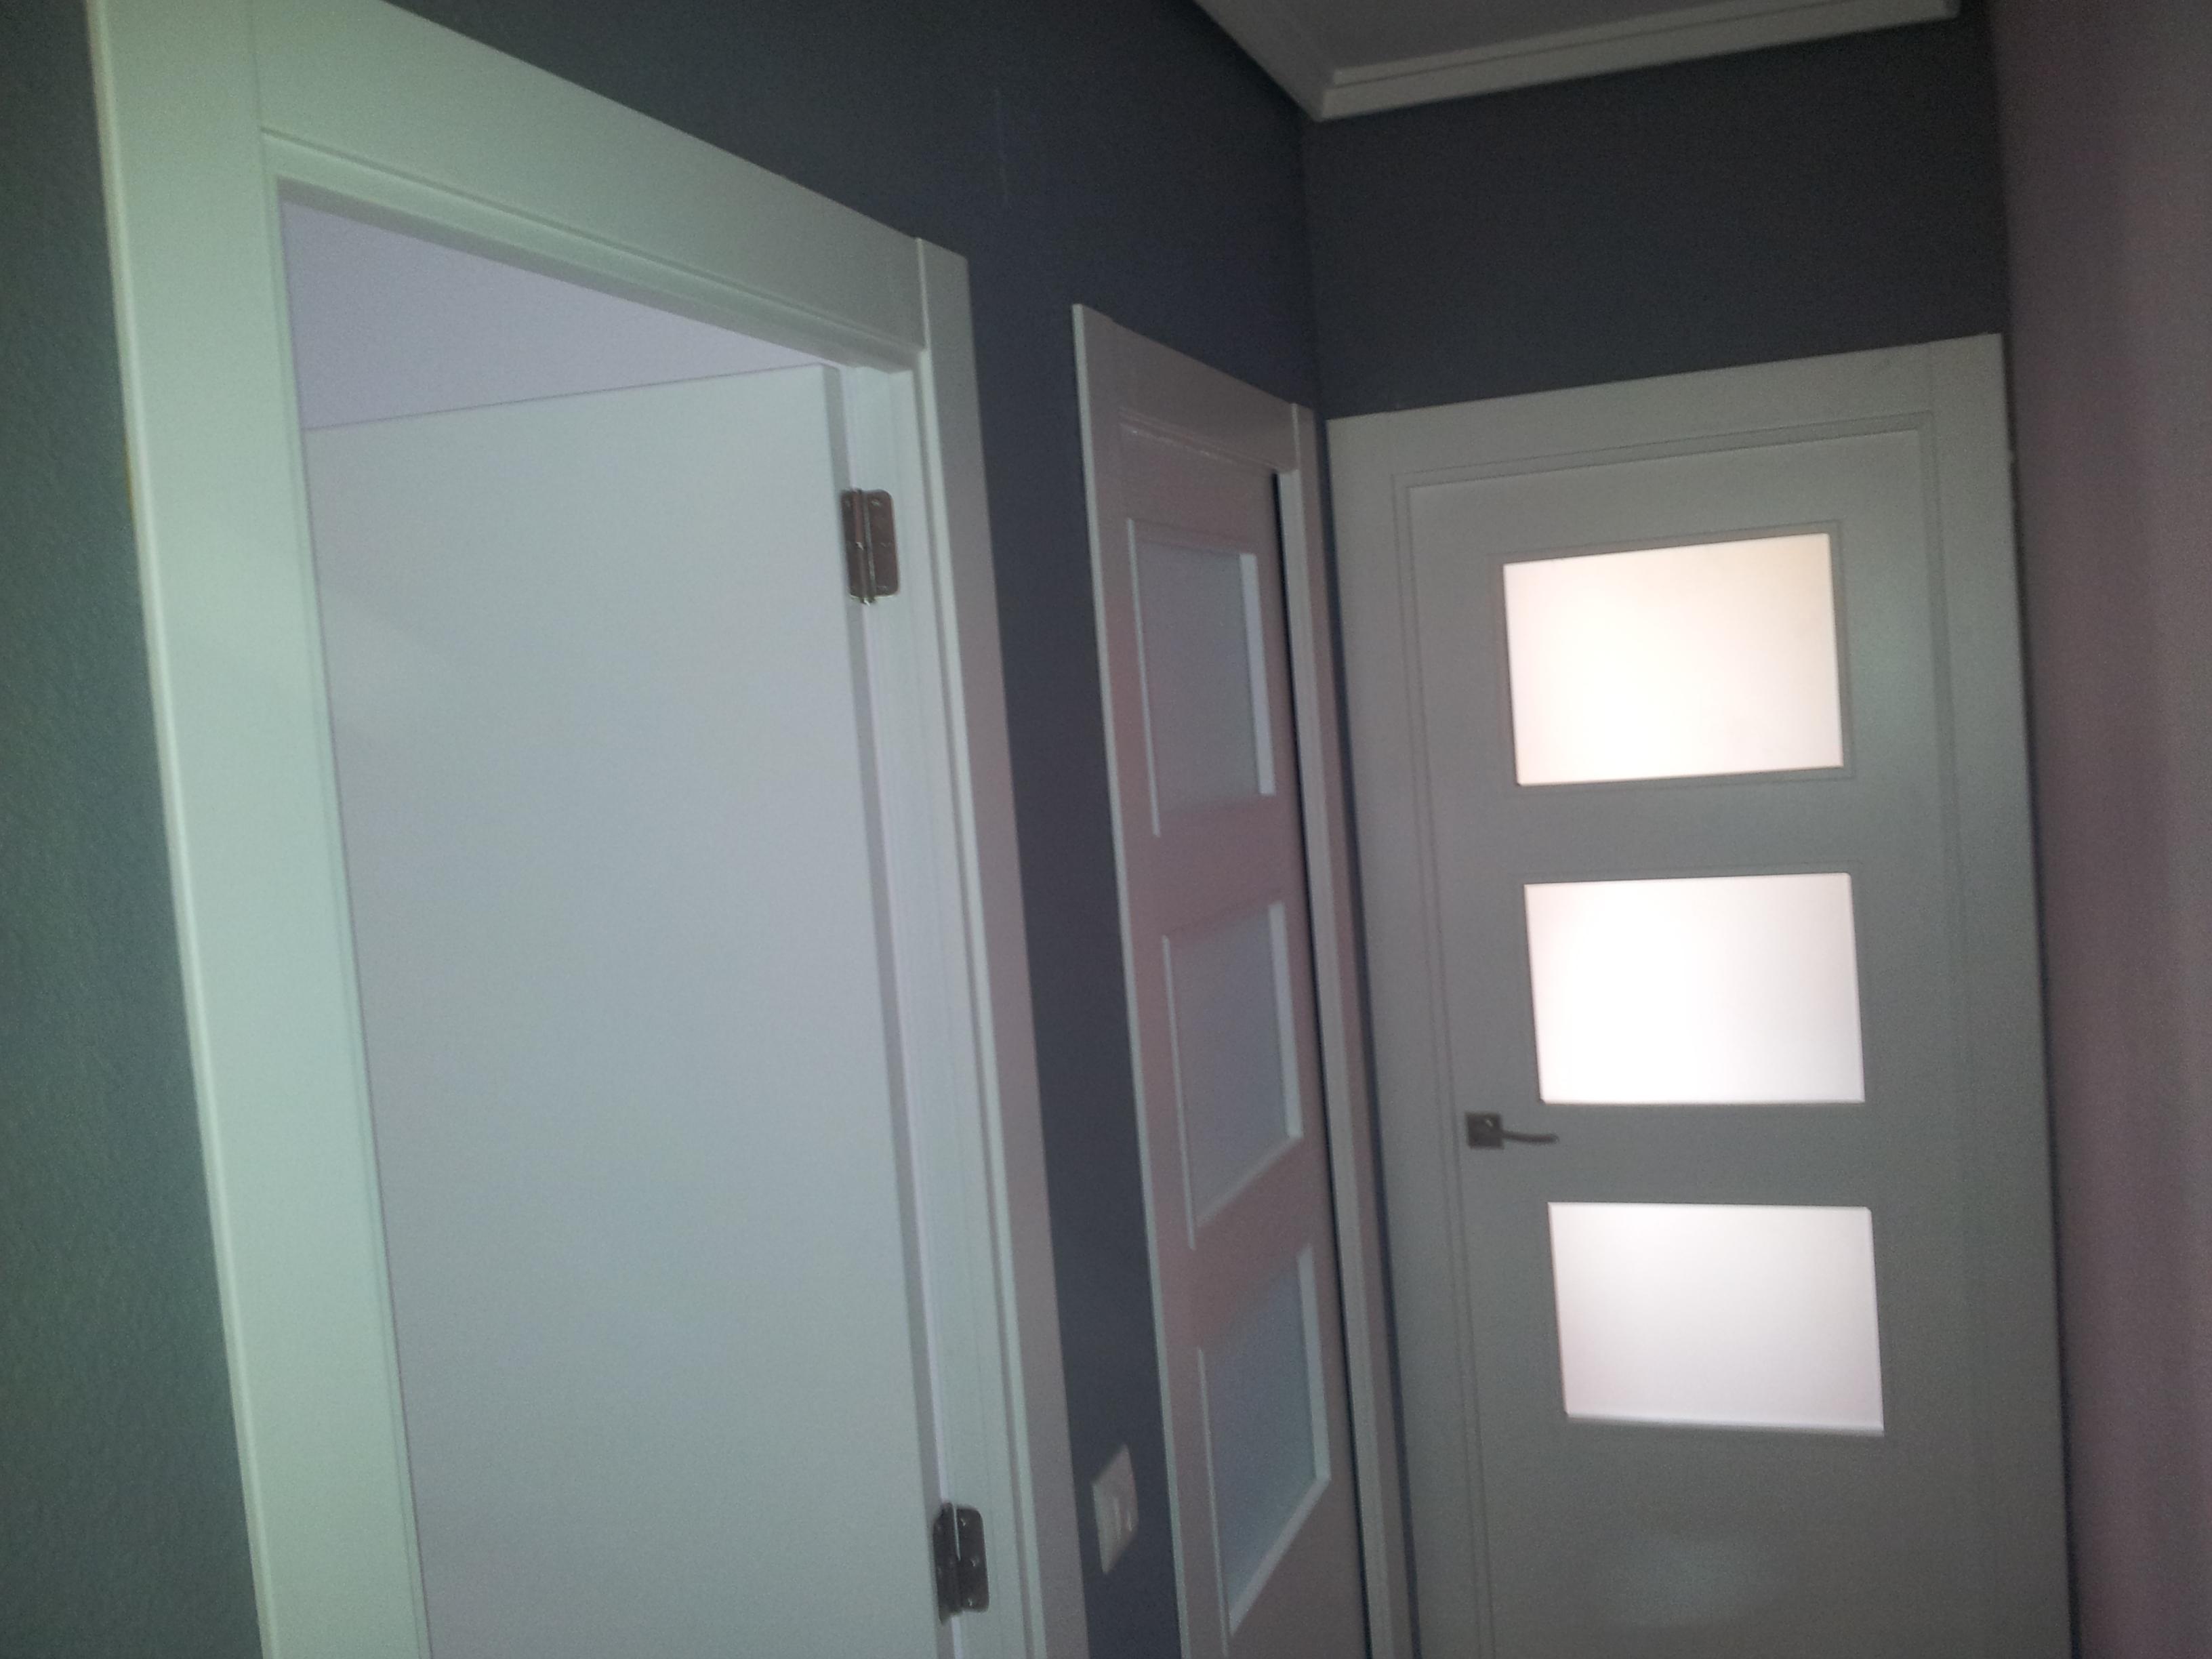 Adcarpinteros servicios de carpinter a a medida en valencia - Precios de puertas lacadas en blanco ...